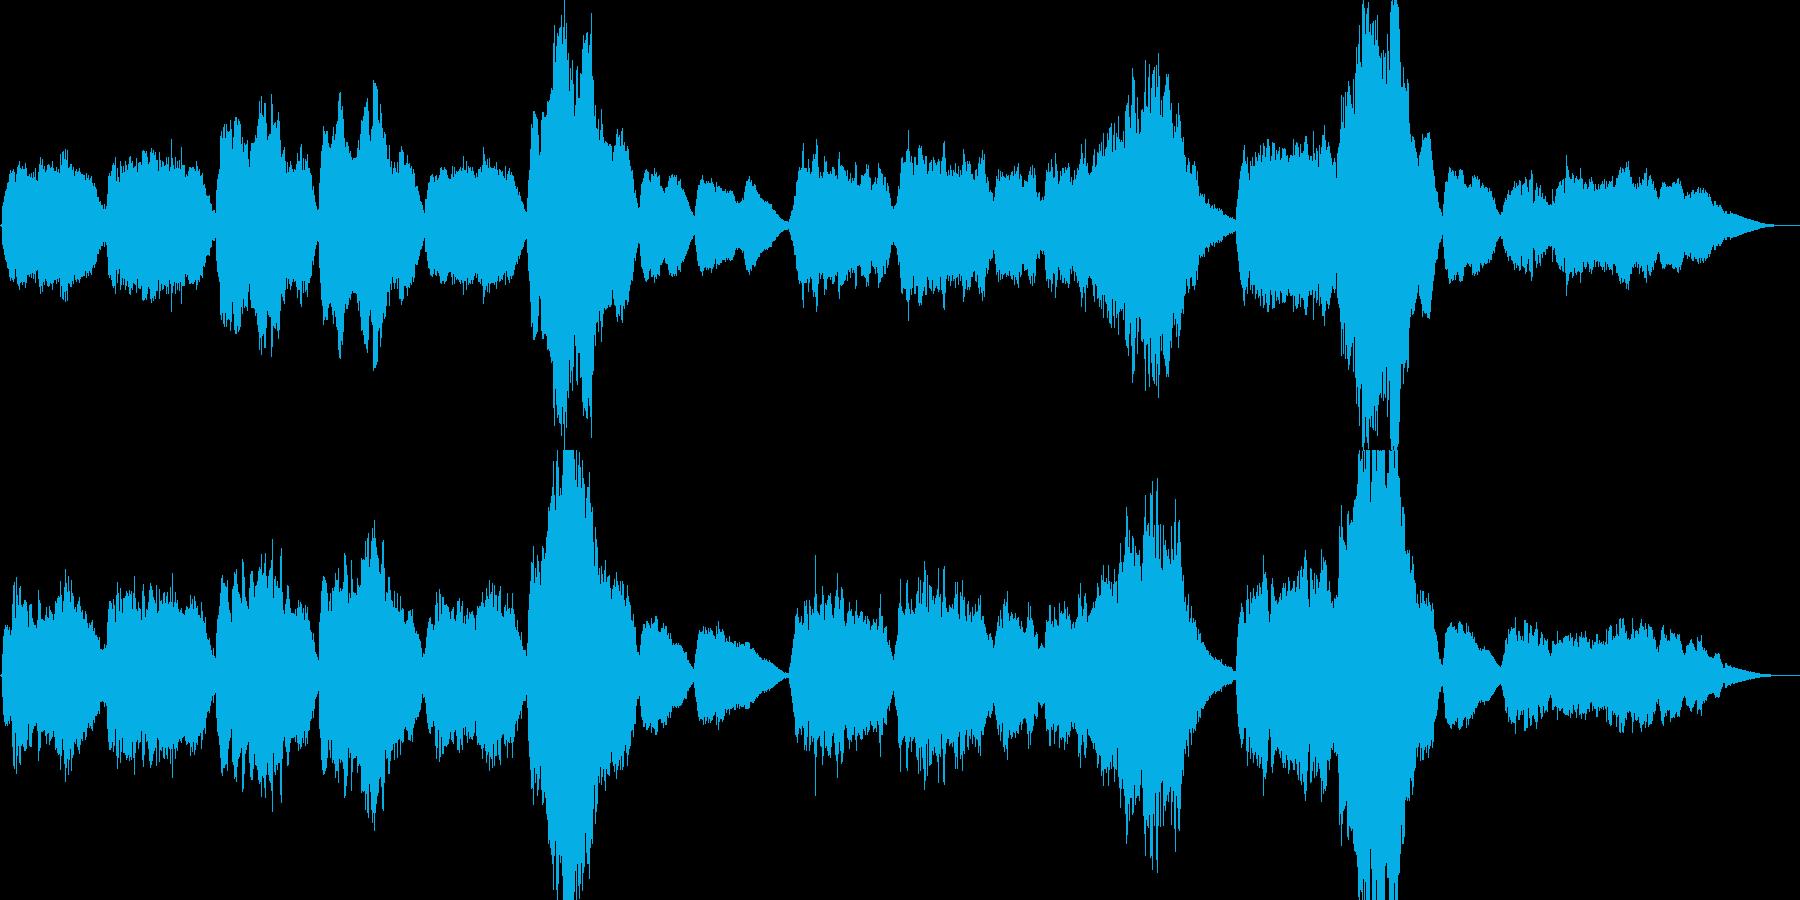 家路・新世界より・クラシックカバー・童謡の再生済みの波形